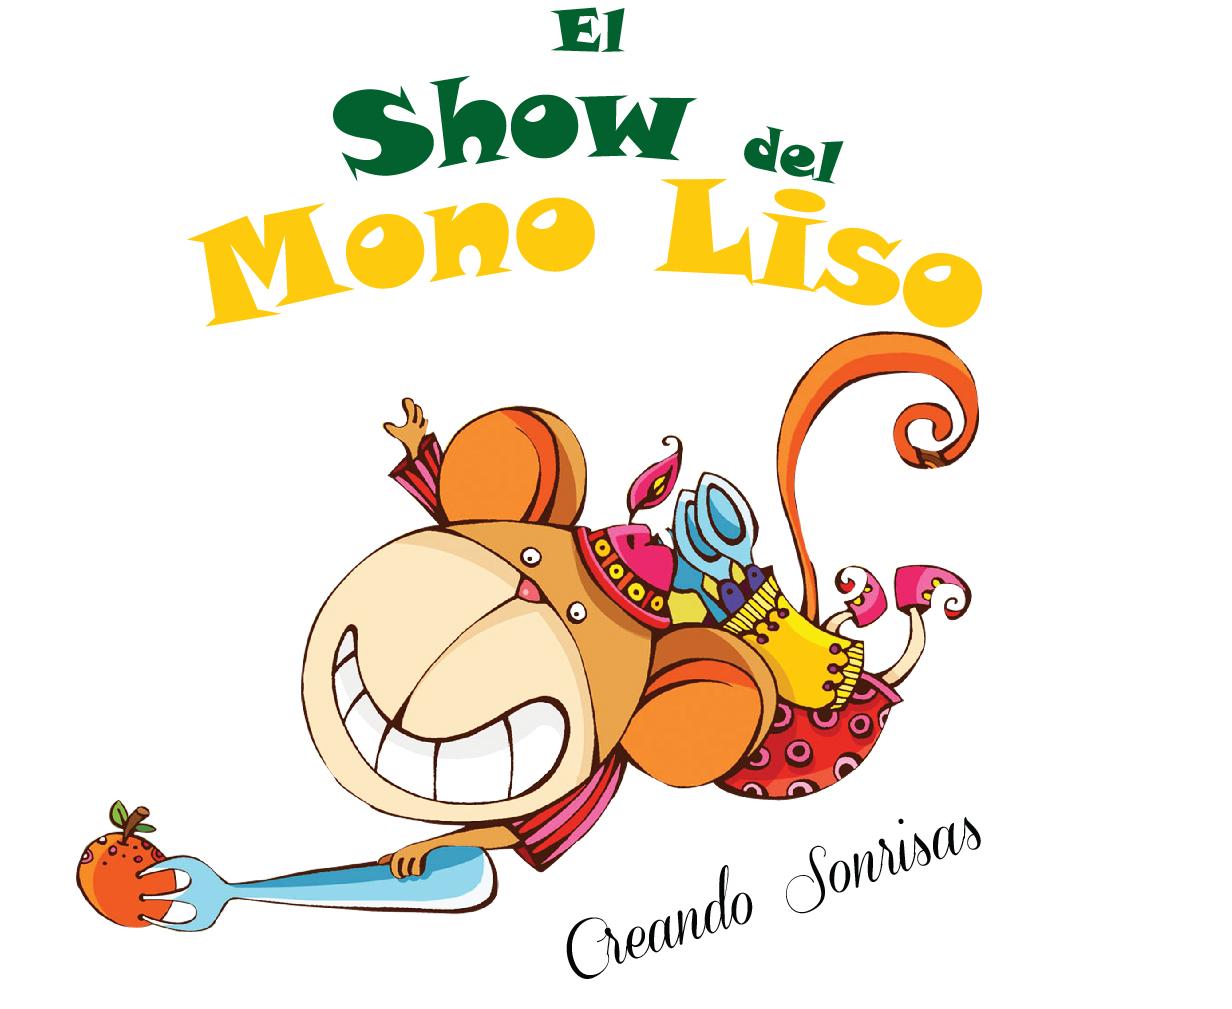 El Show del Mono Liso continúa creciendo a paso firme